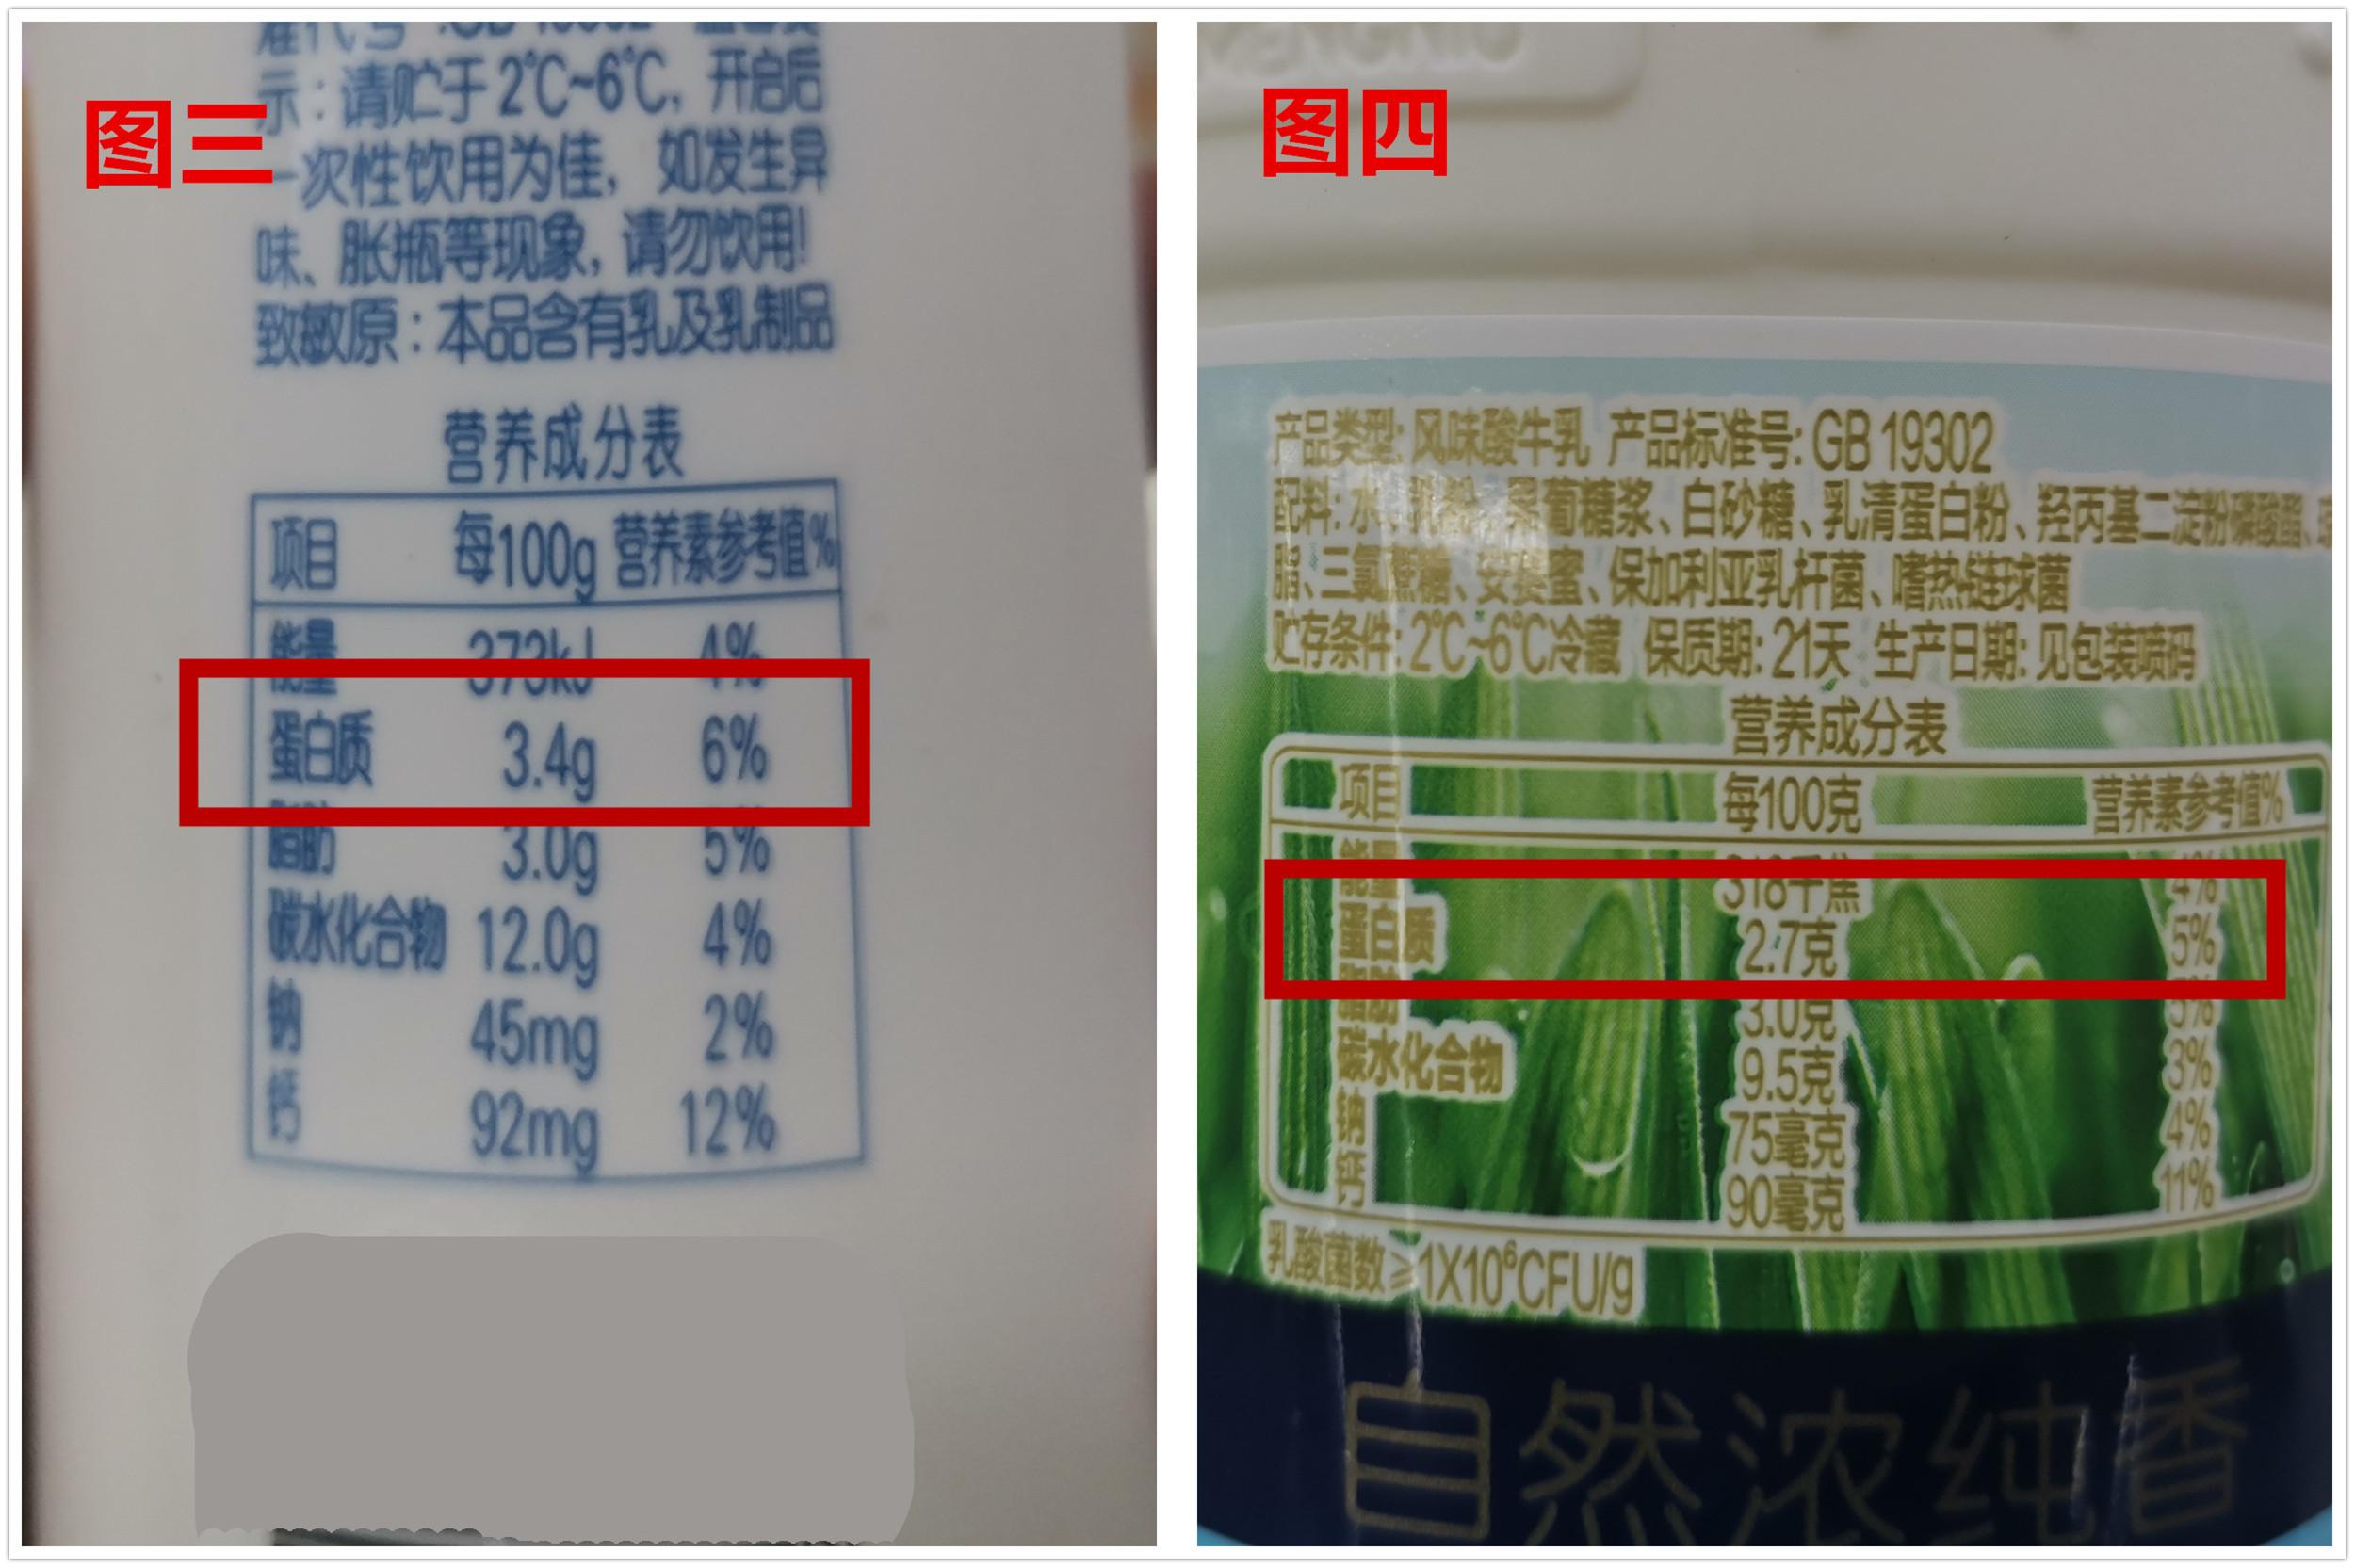 买酸奶,别管品牌和价格,看包装上3个指标,轻松挑到好酸奶